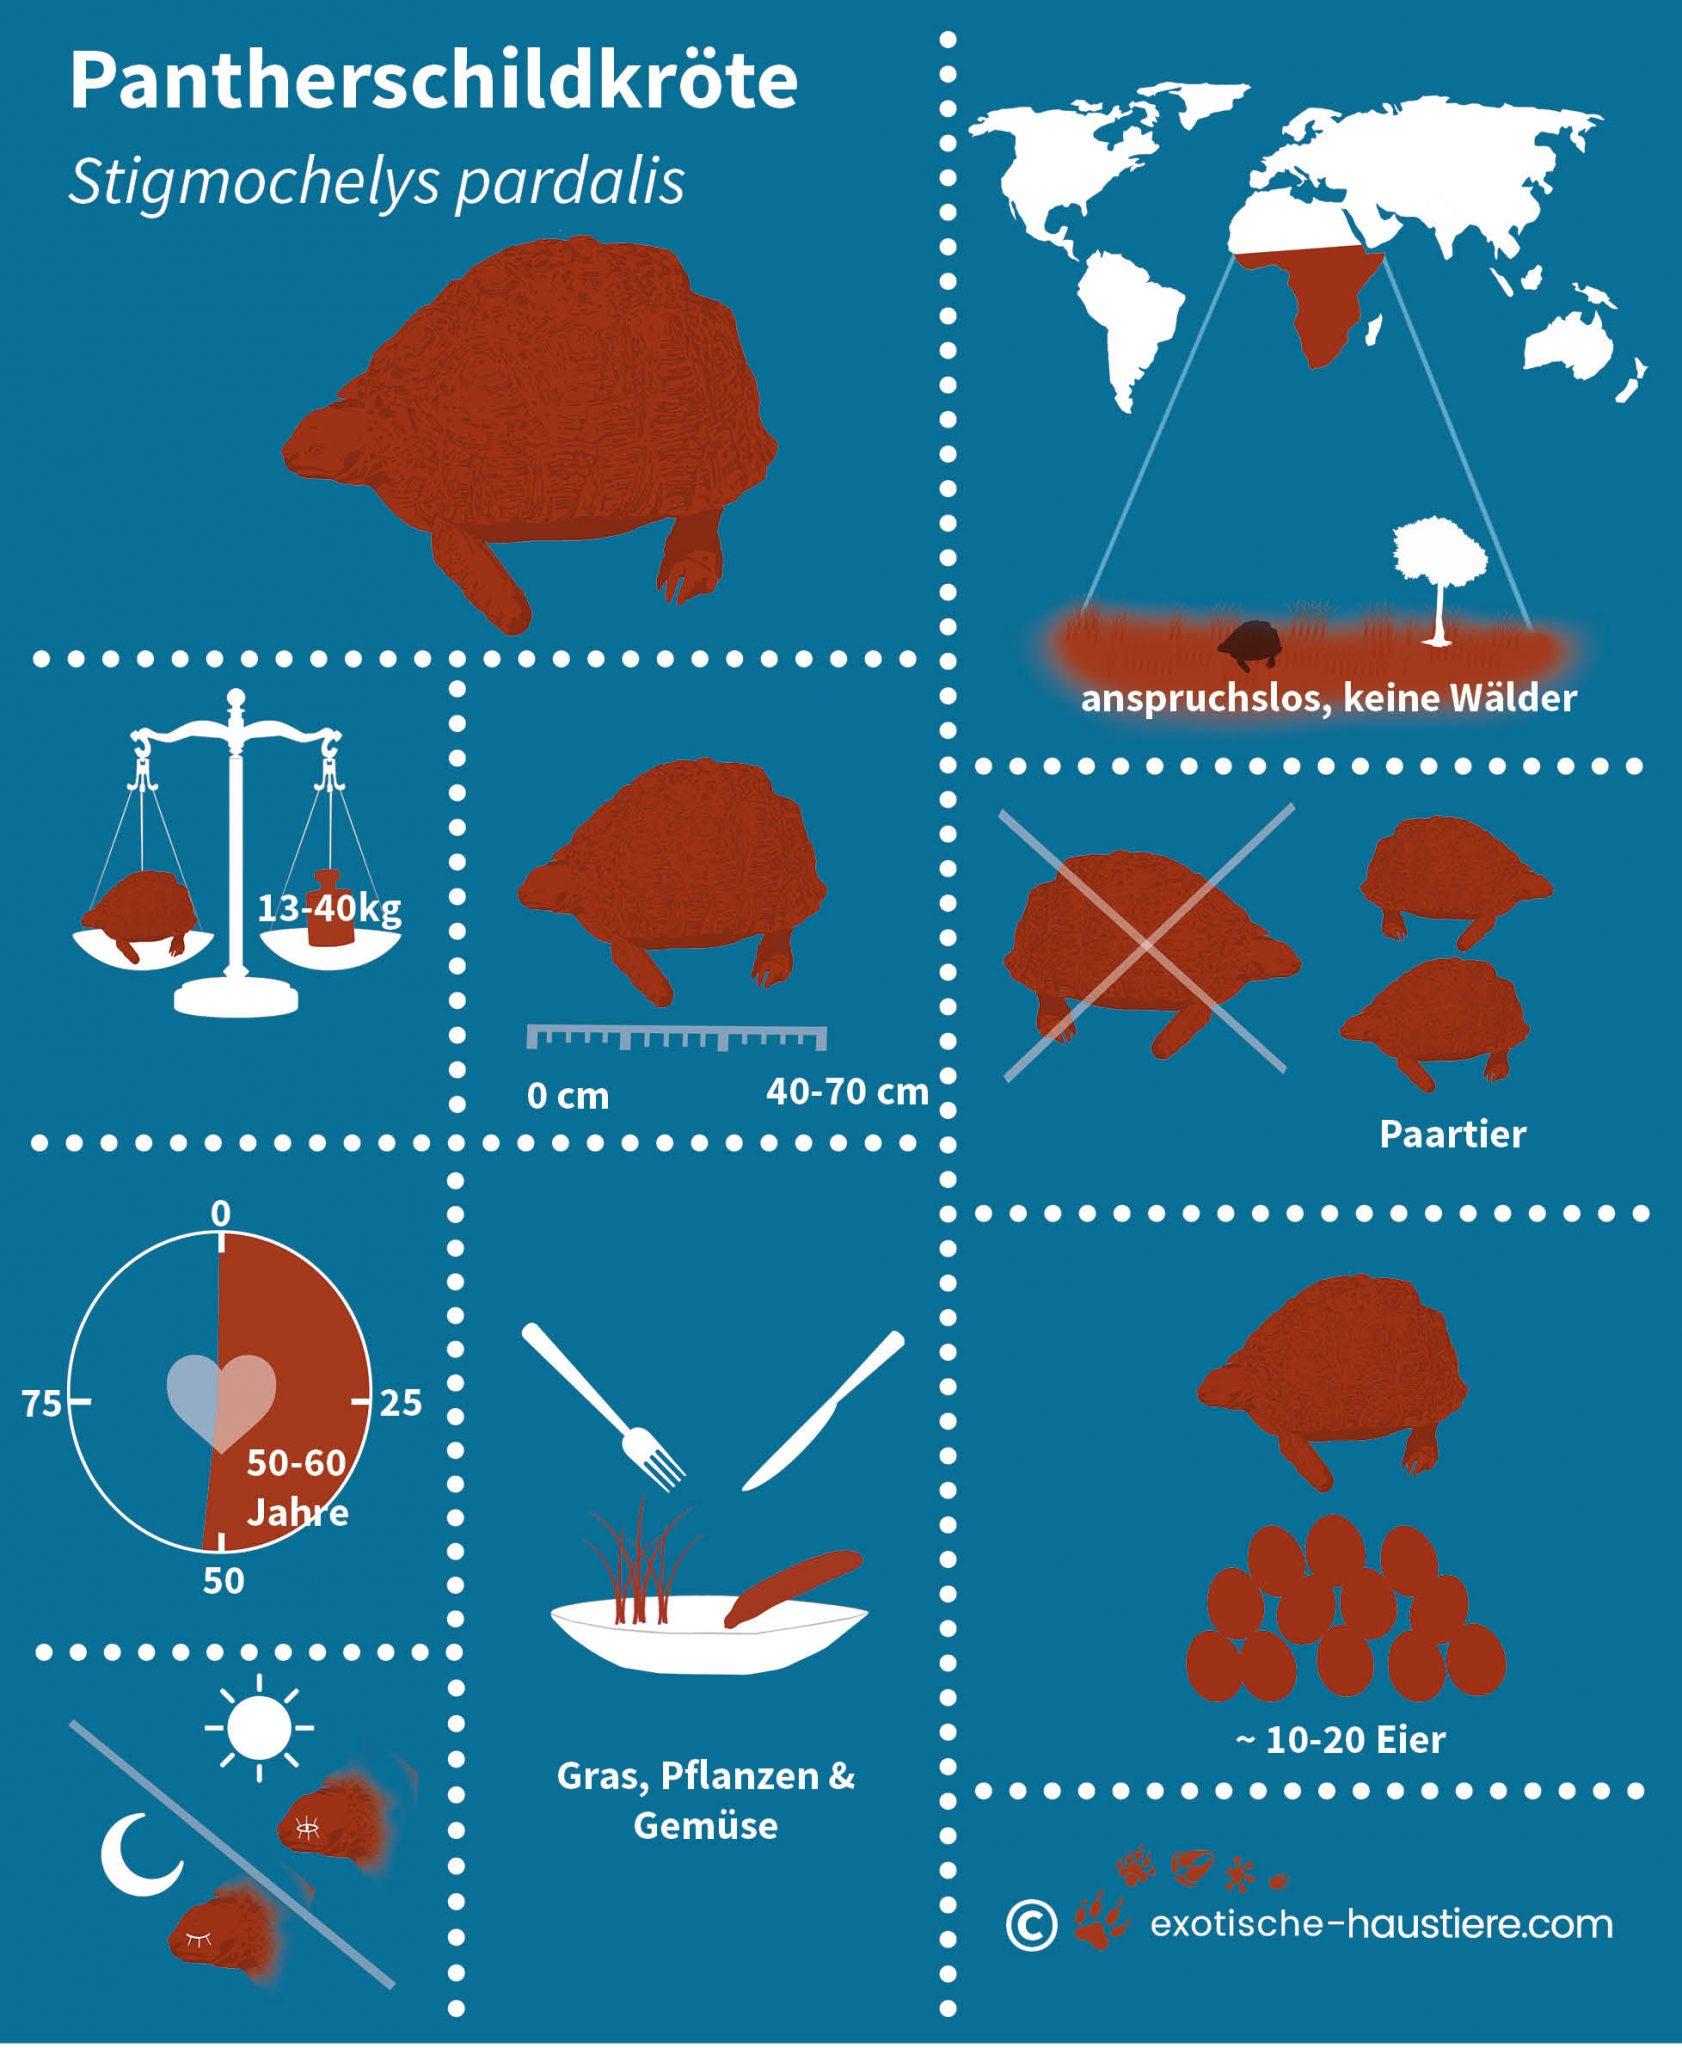 Infografik zur Pantherschildkröten Haltung